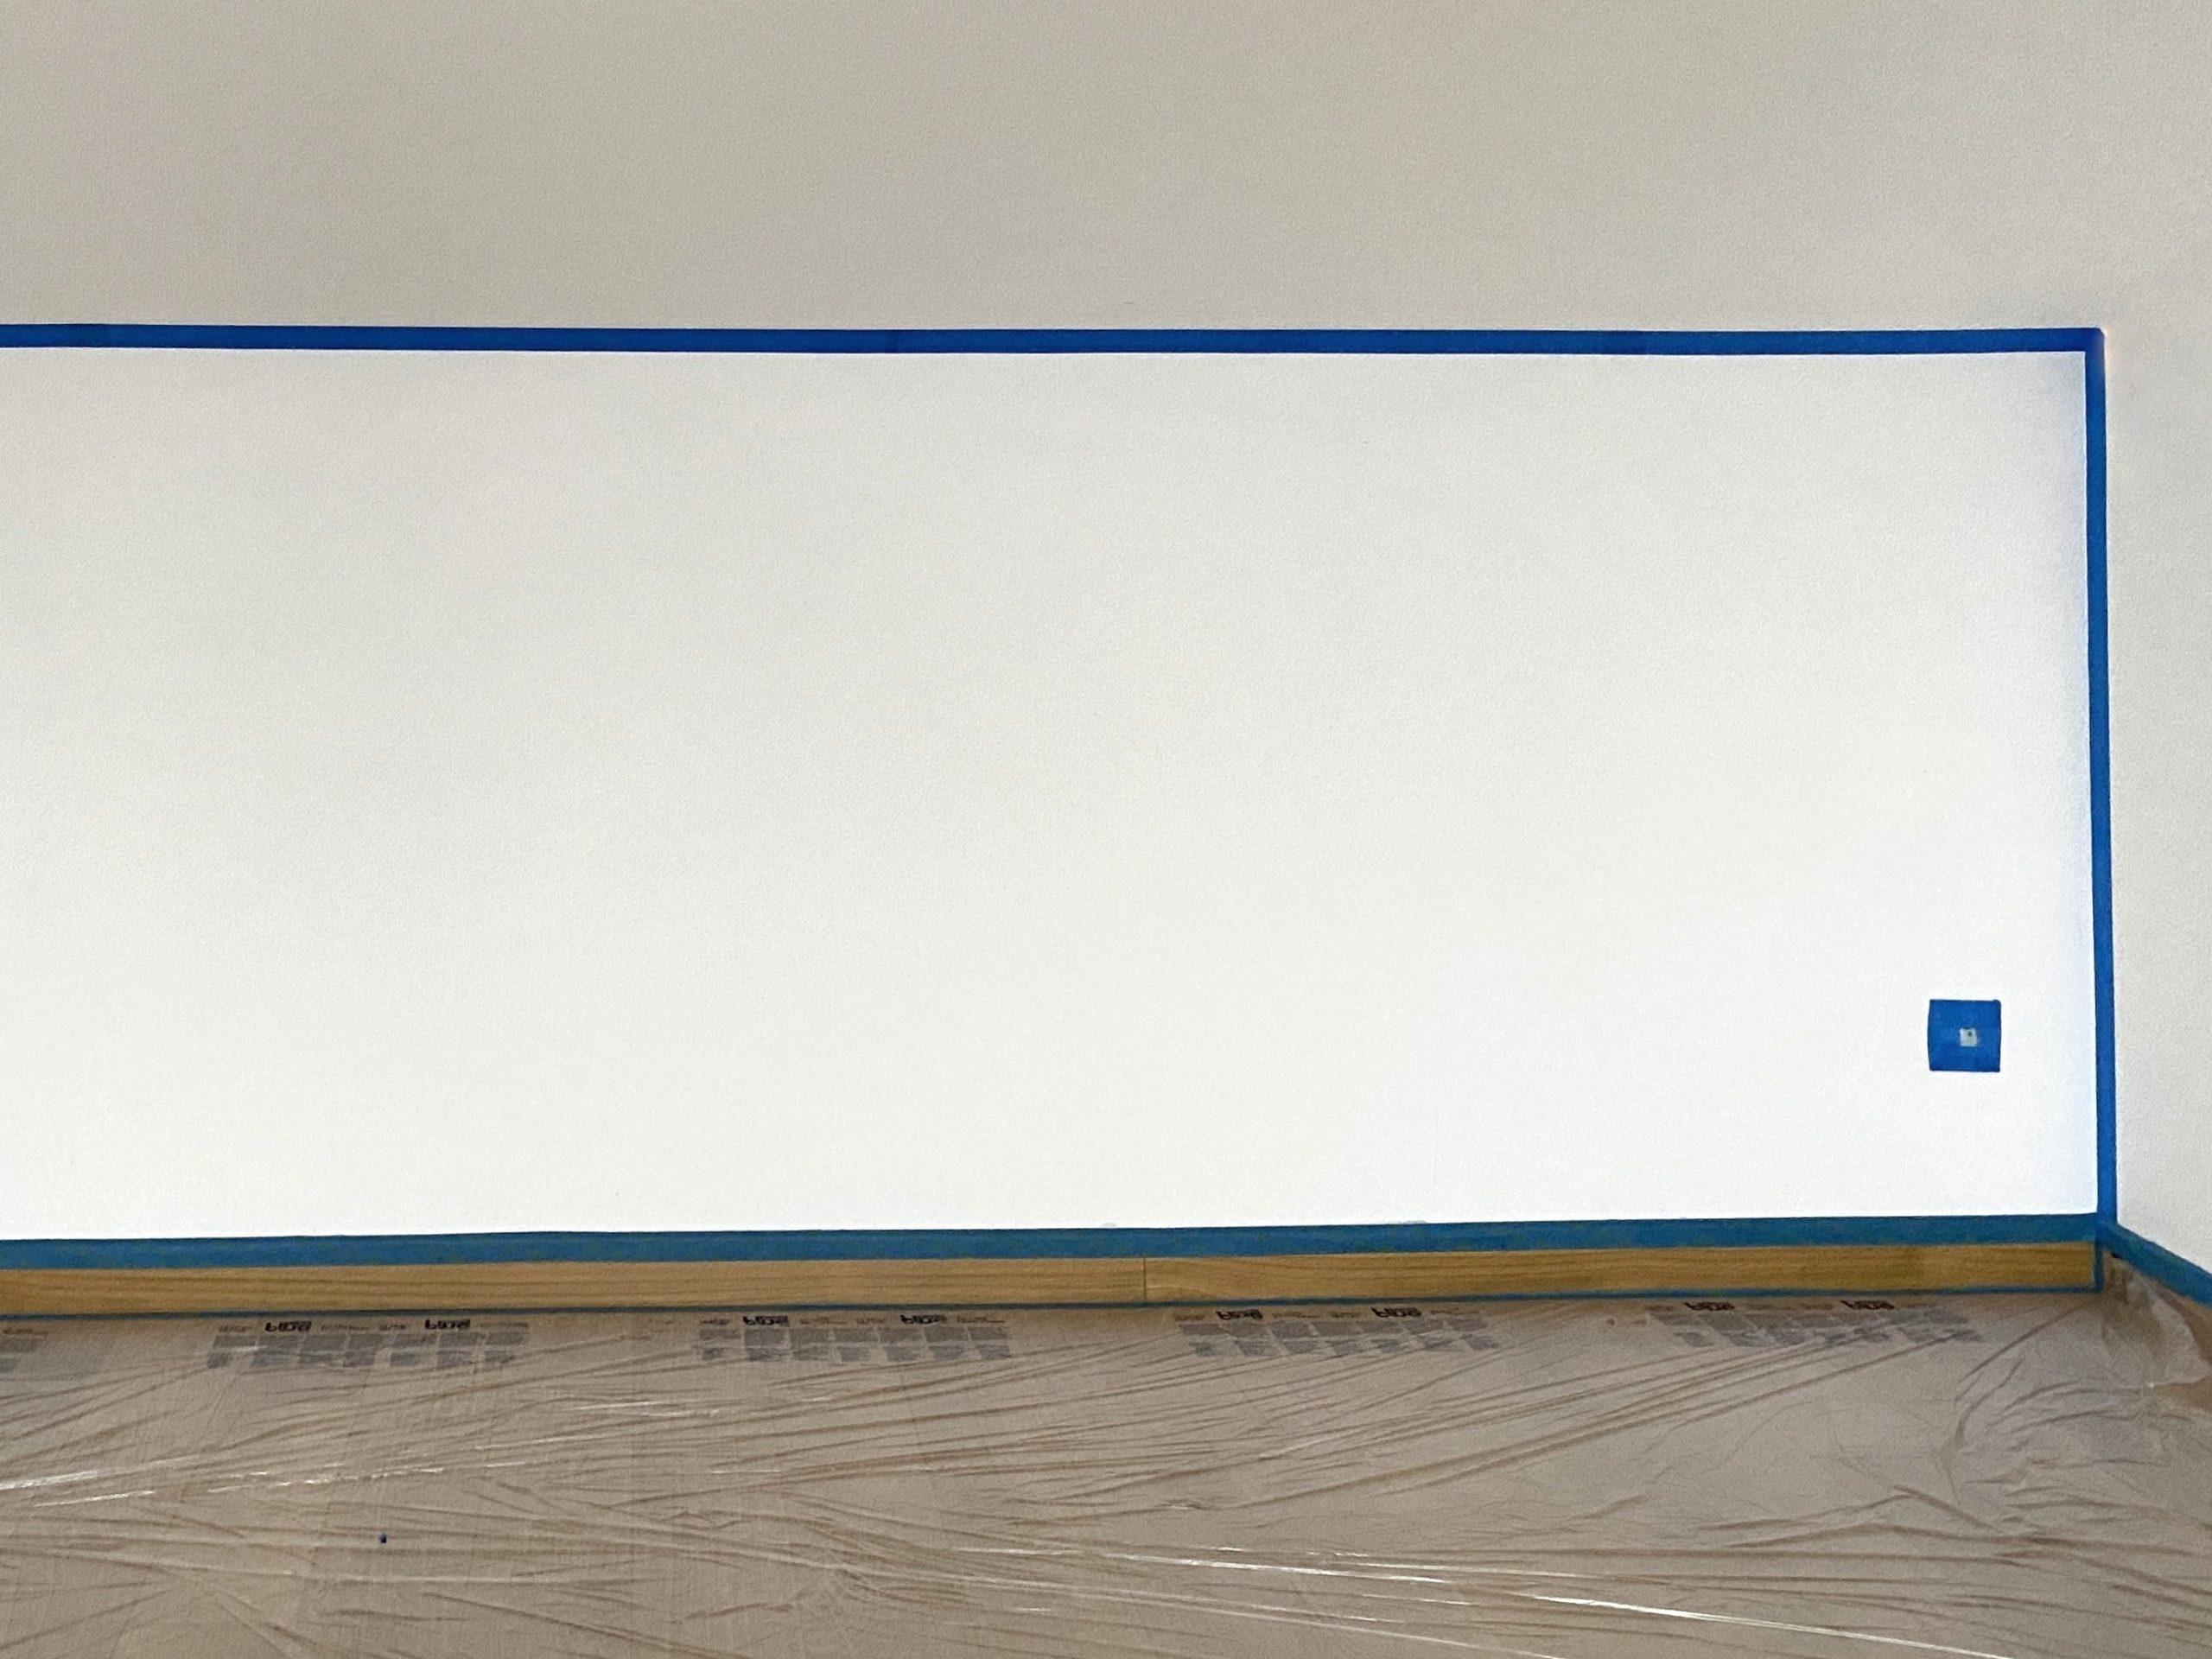 Peindre un soubassement dans une chambre mansardée - Joli Place